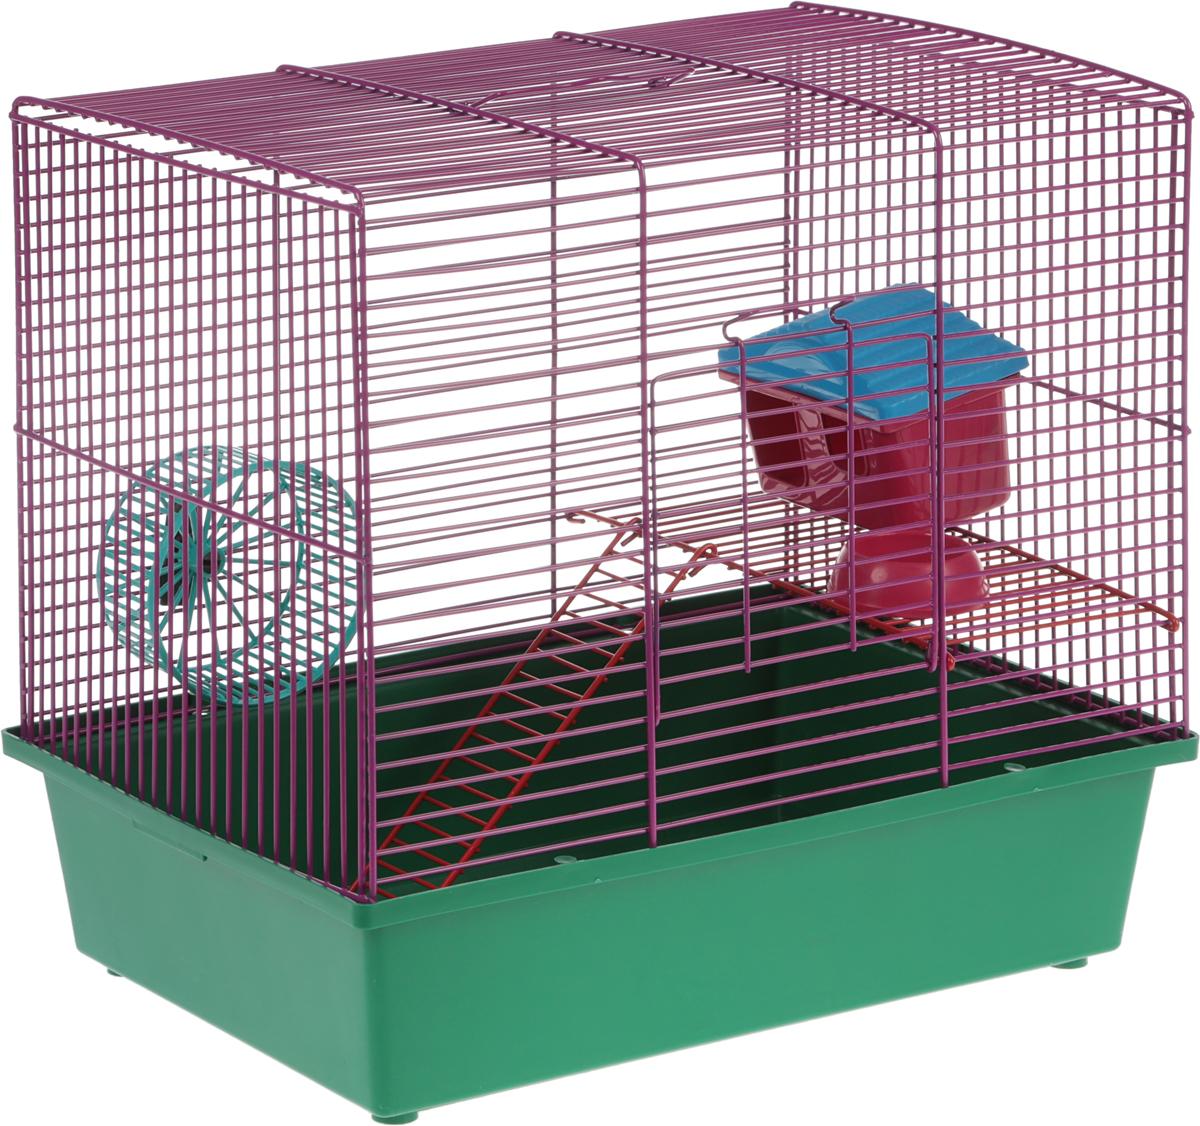 Клетка для грызунов Велес Lusy Hamster-2, 2-этажная, цвет: фиолетовый, зеленый, 35 х 26 х 26 см824DDКлетка Lusy Hamster-2, выполненная из полипропилена и металла, подходит длямелких грызунов. Изделие двухэтажное, оборудовано лестницей. Клетка имеетяркий поддон, удобна в использовании илегко чистится. Сверху имеется ручка для переноски.Такая клетка станет уединенным личным пространством и уютным домиком длямаленького грызуна.